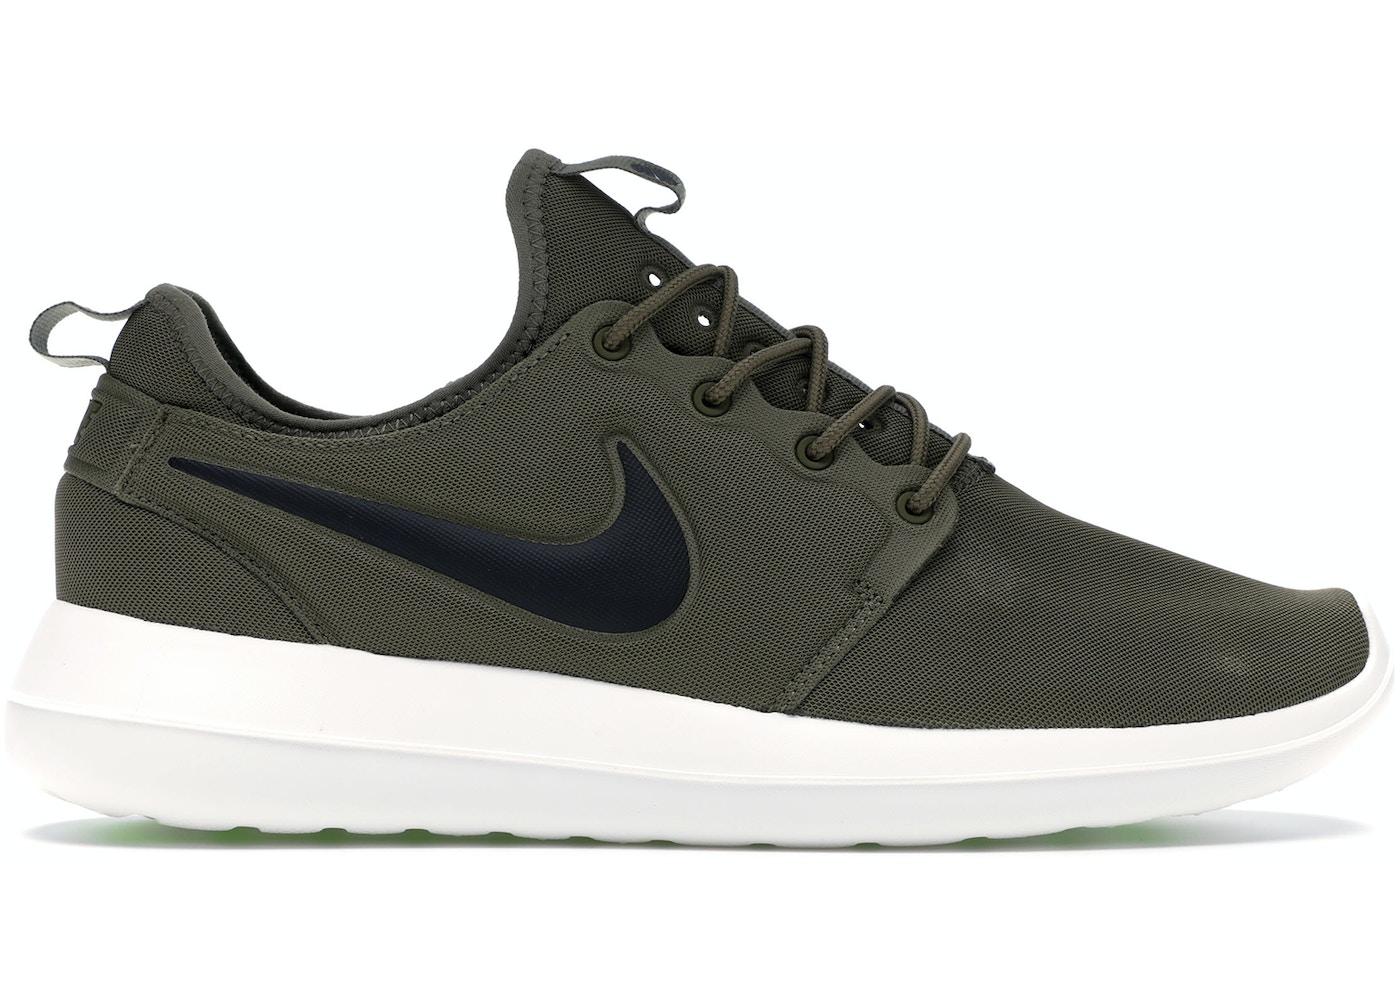 0eb4833668f Nike Roshe Two Iguana - 844656-200